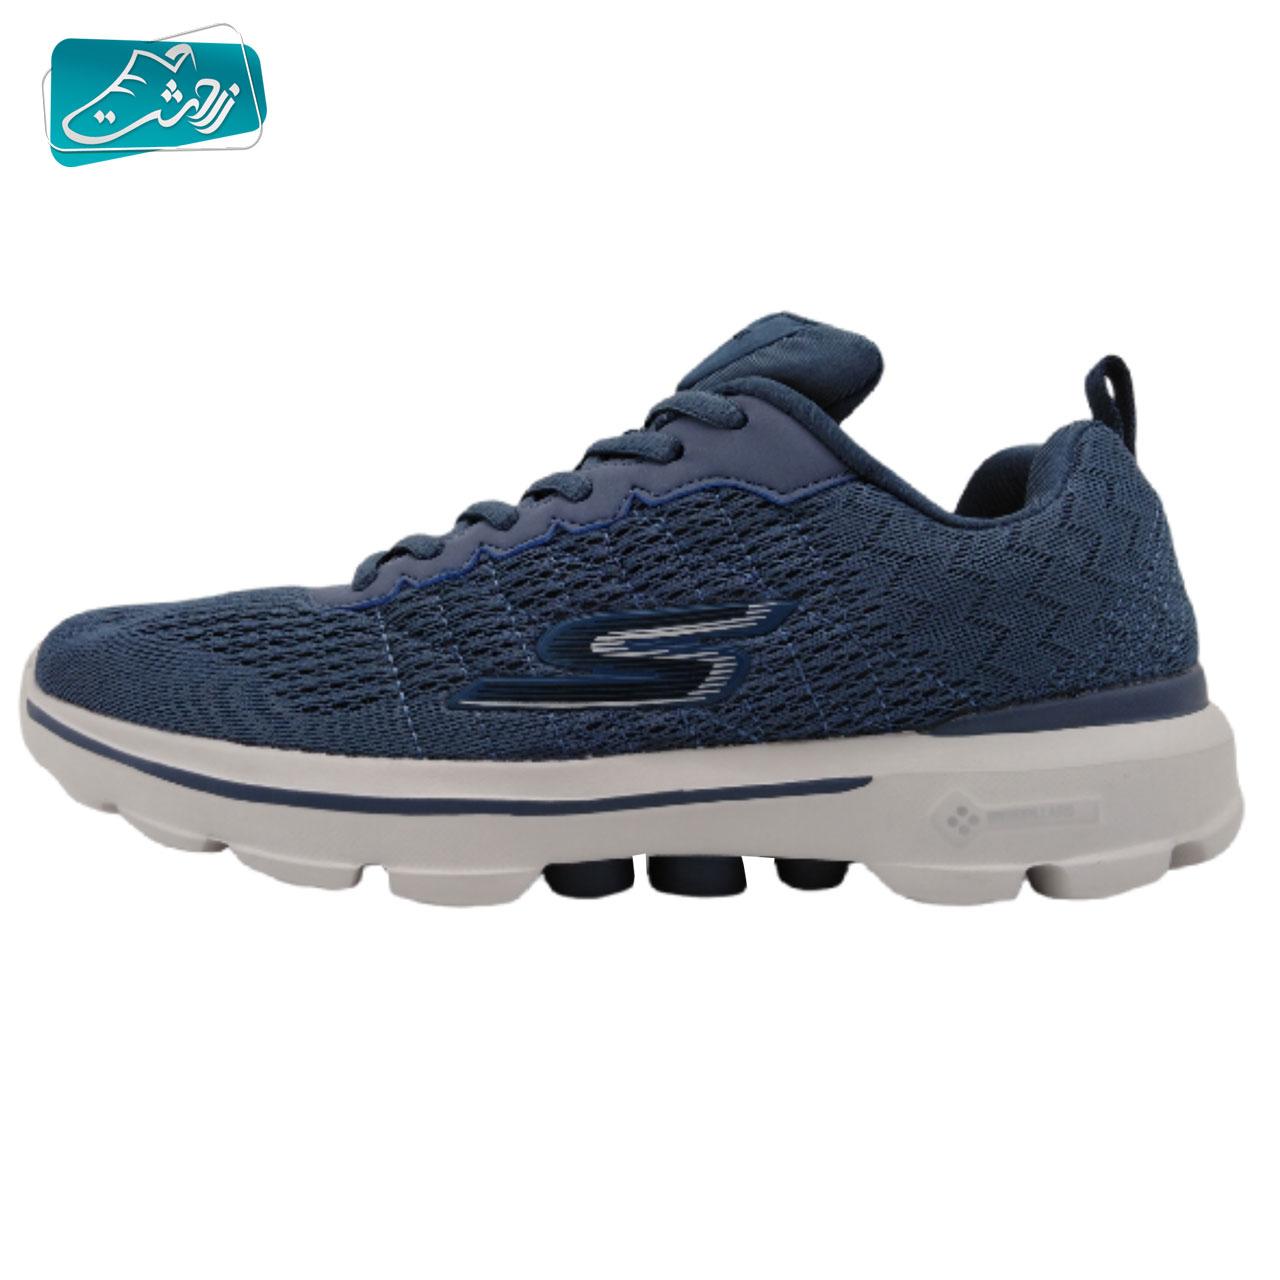 کفش پیاده روی مردانه اسکچرز مدل Go Wlk 3_54050_Gb